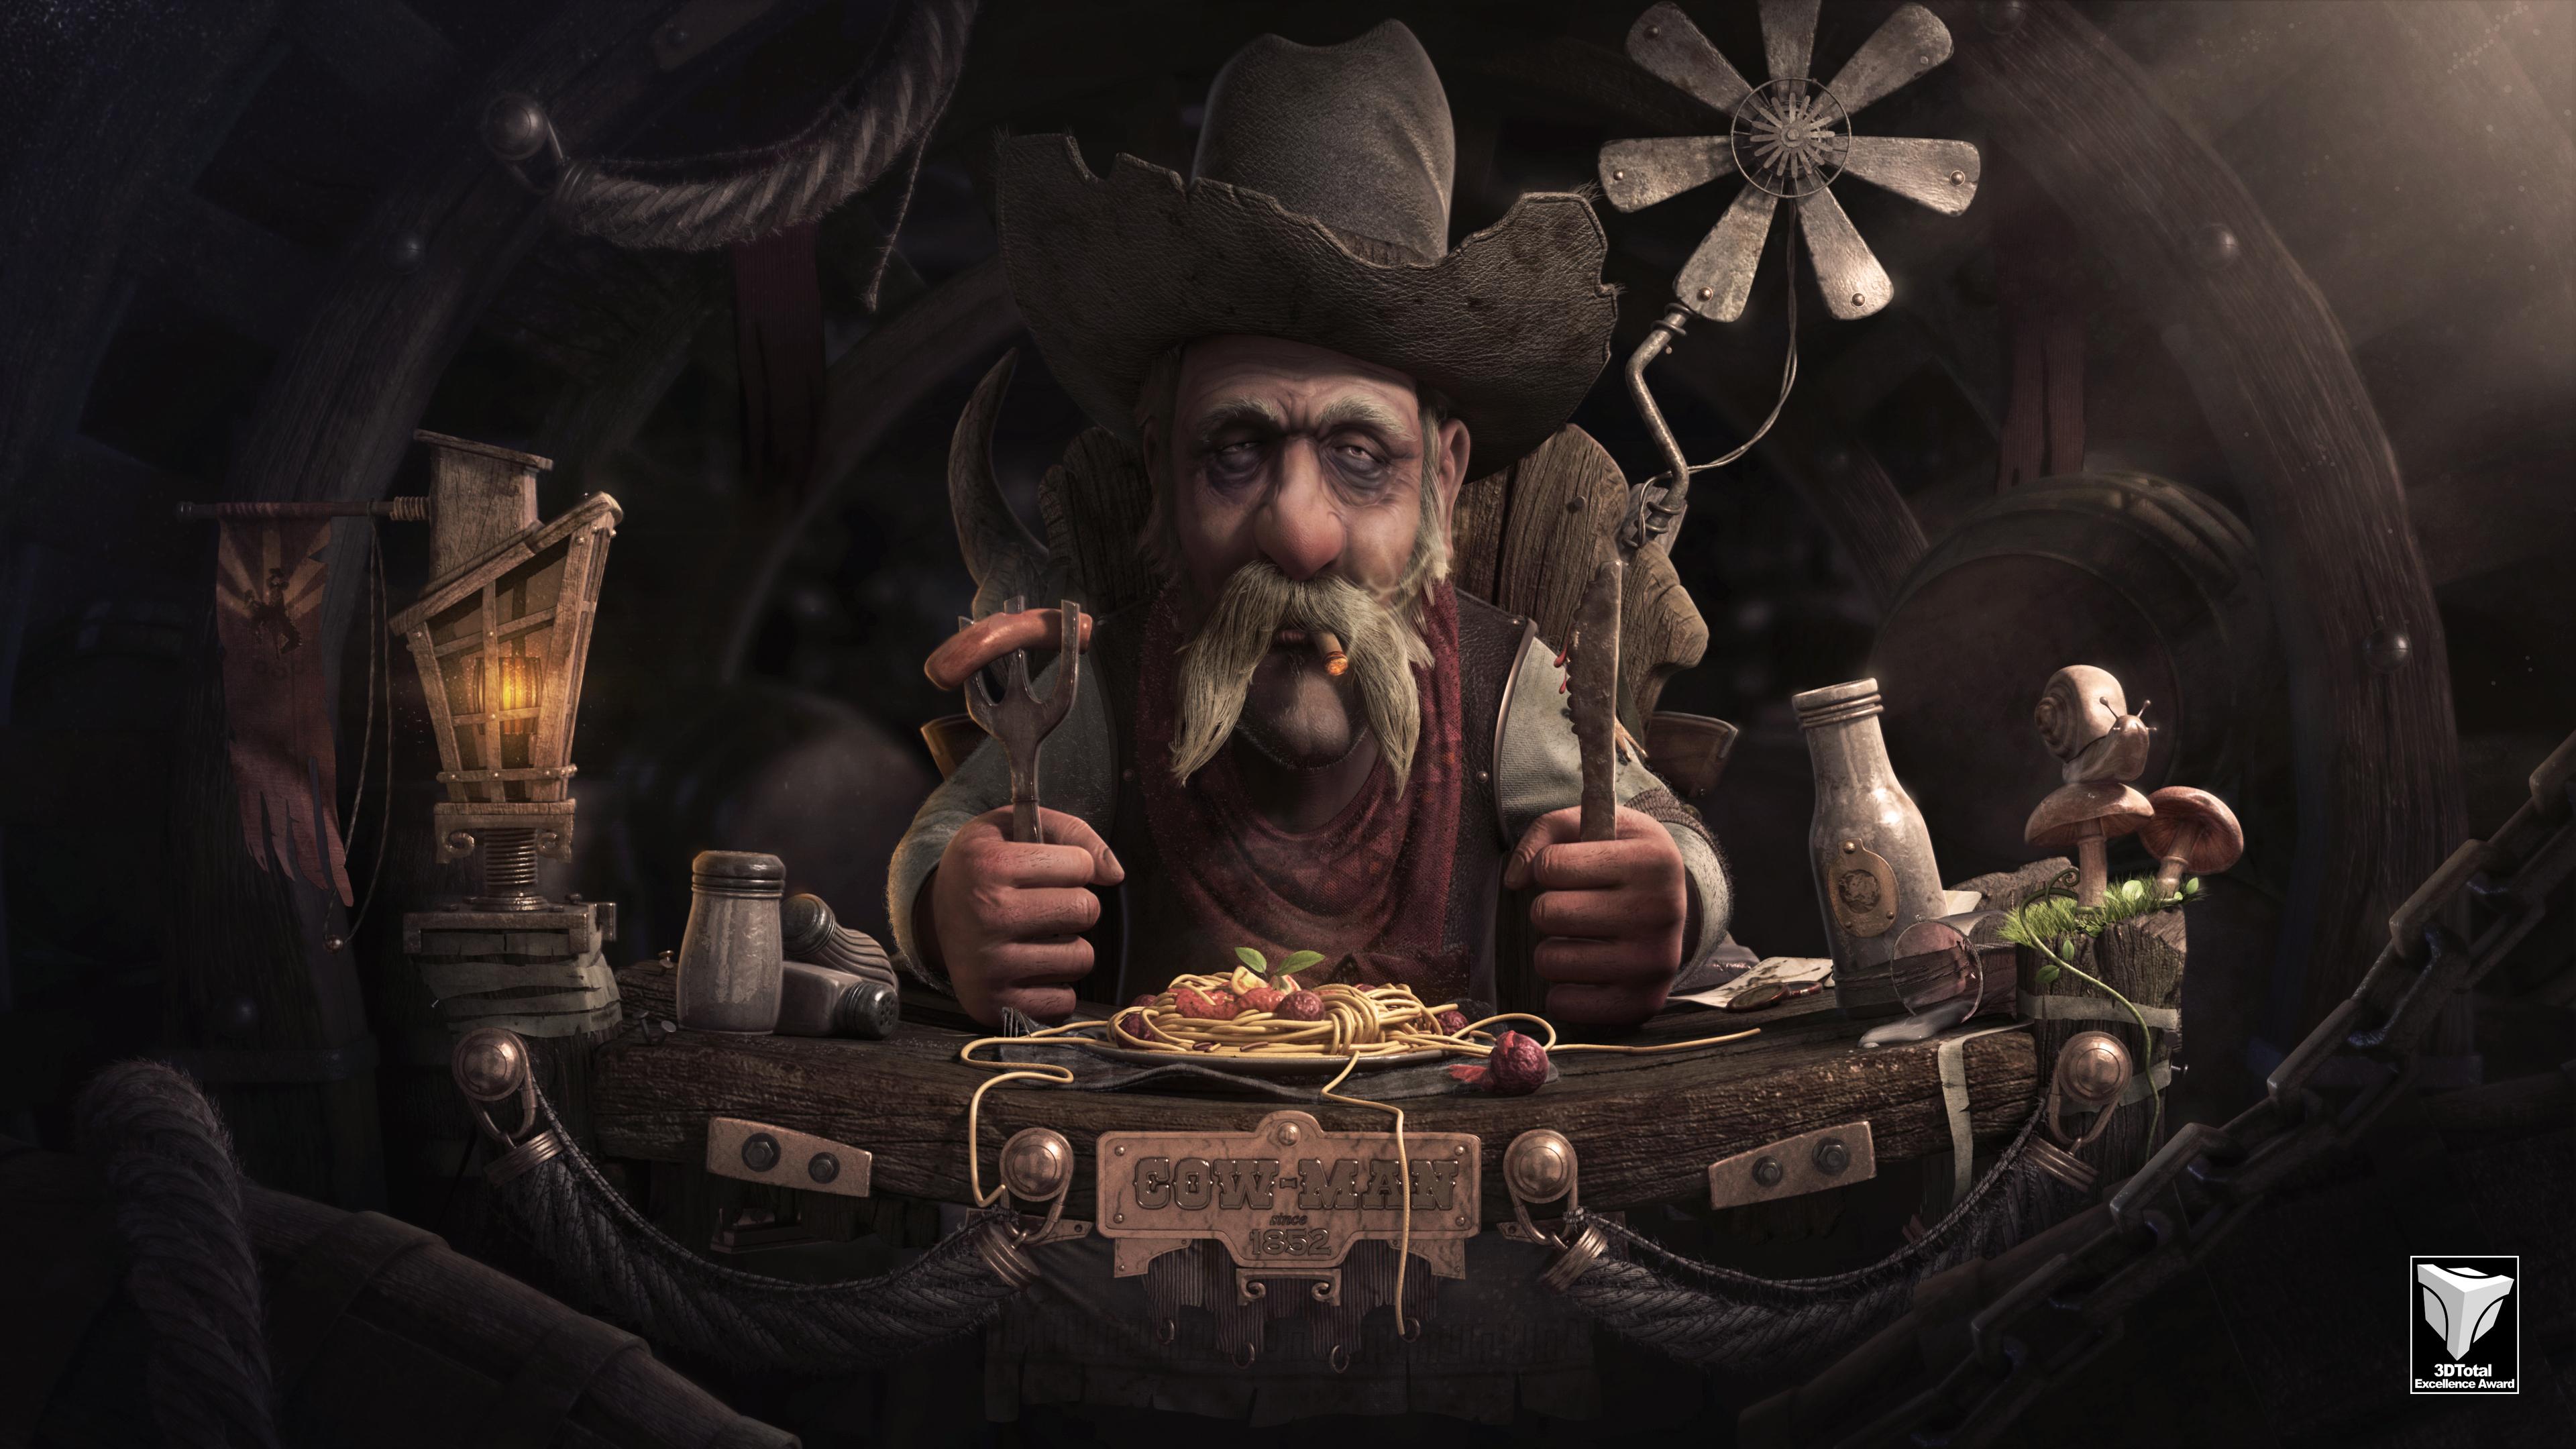 Cowman With His spaghetti